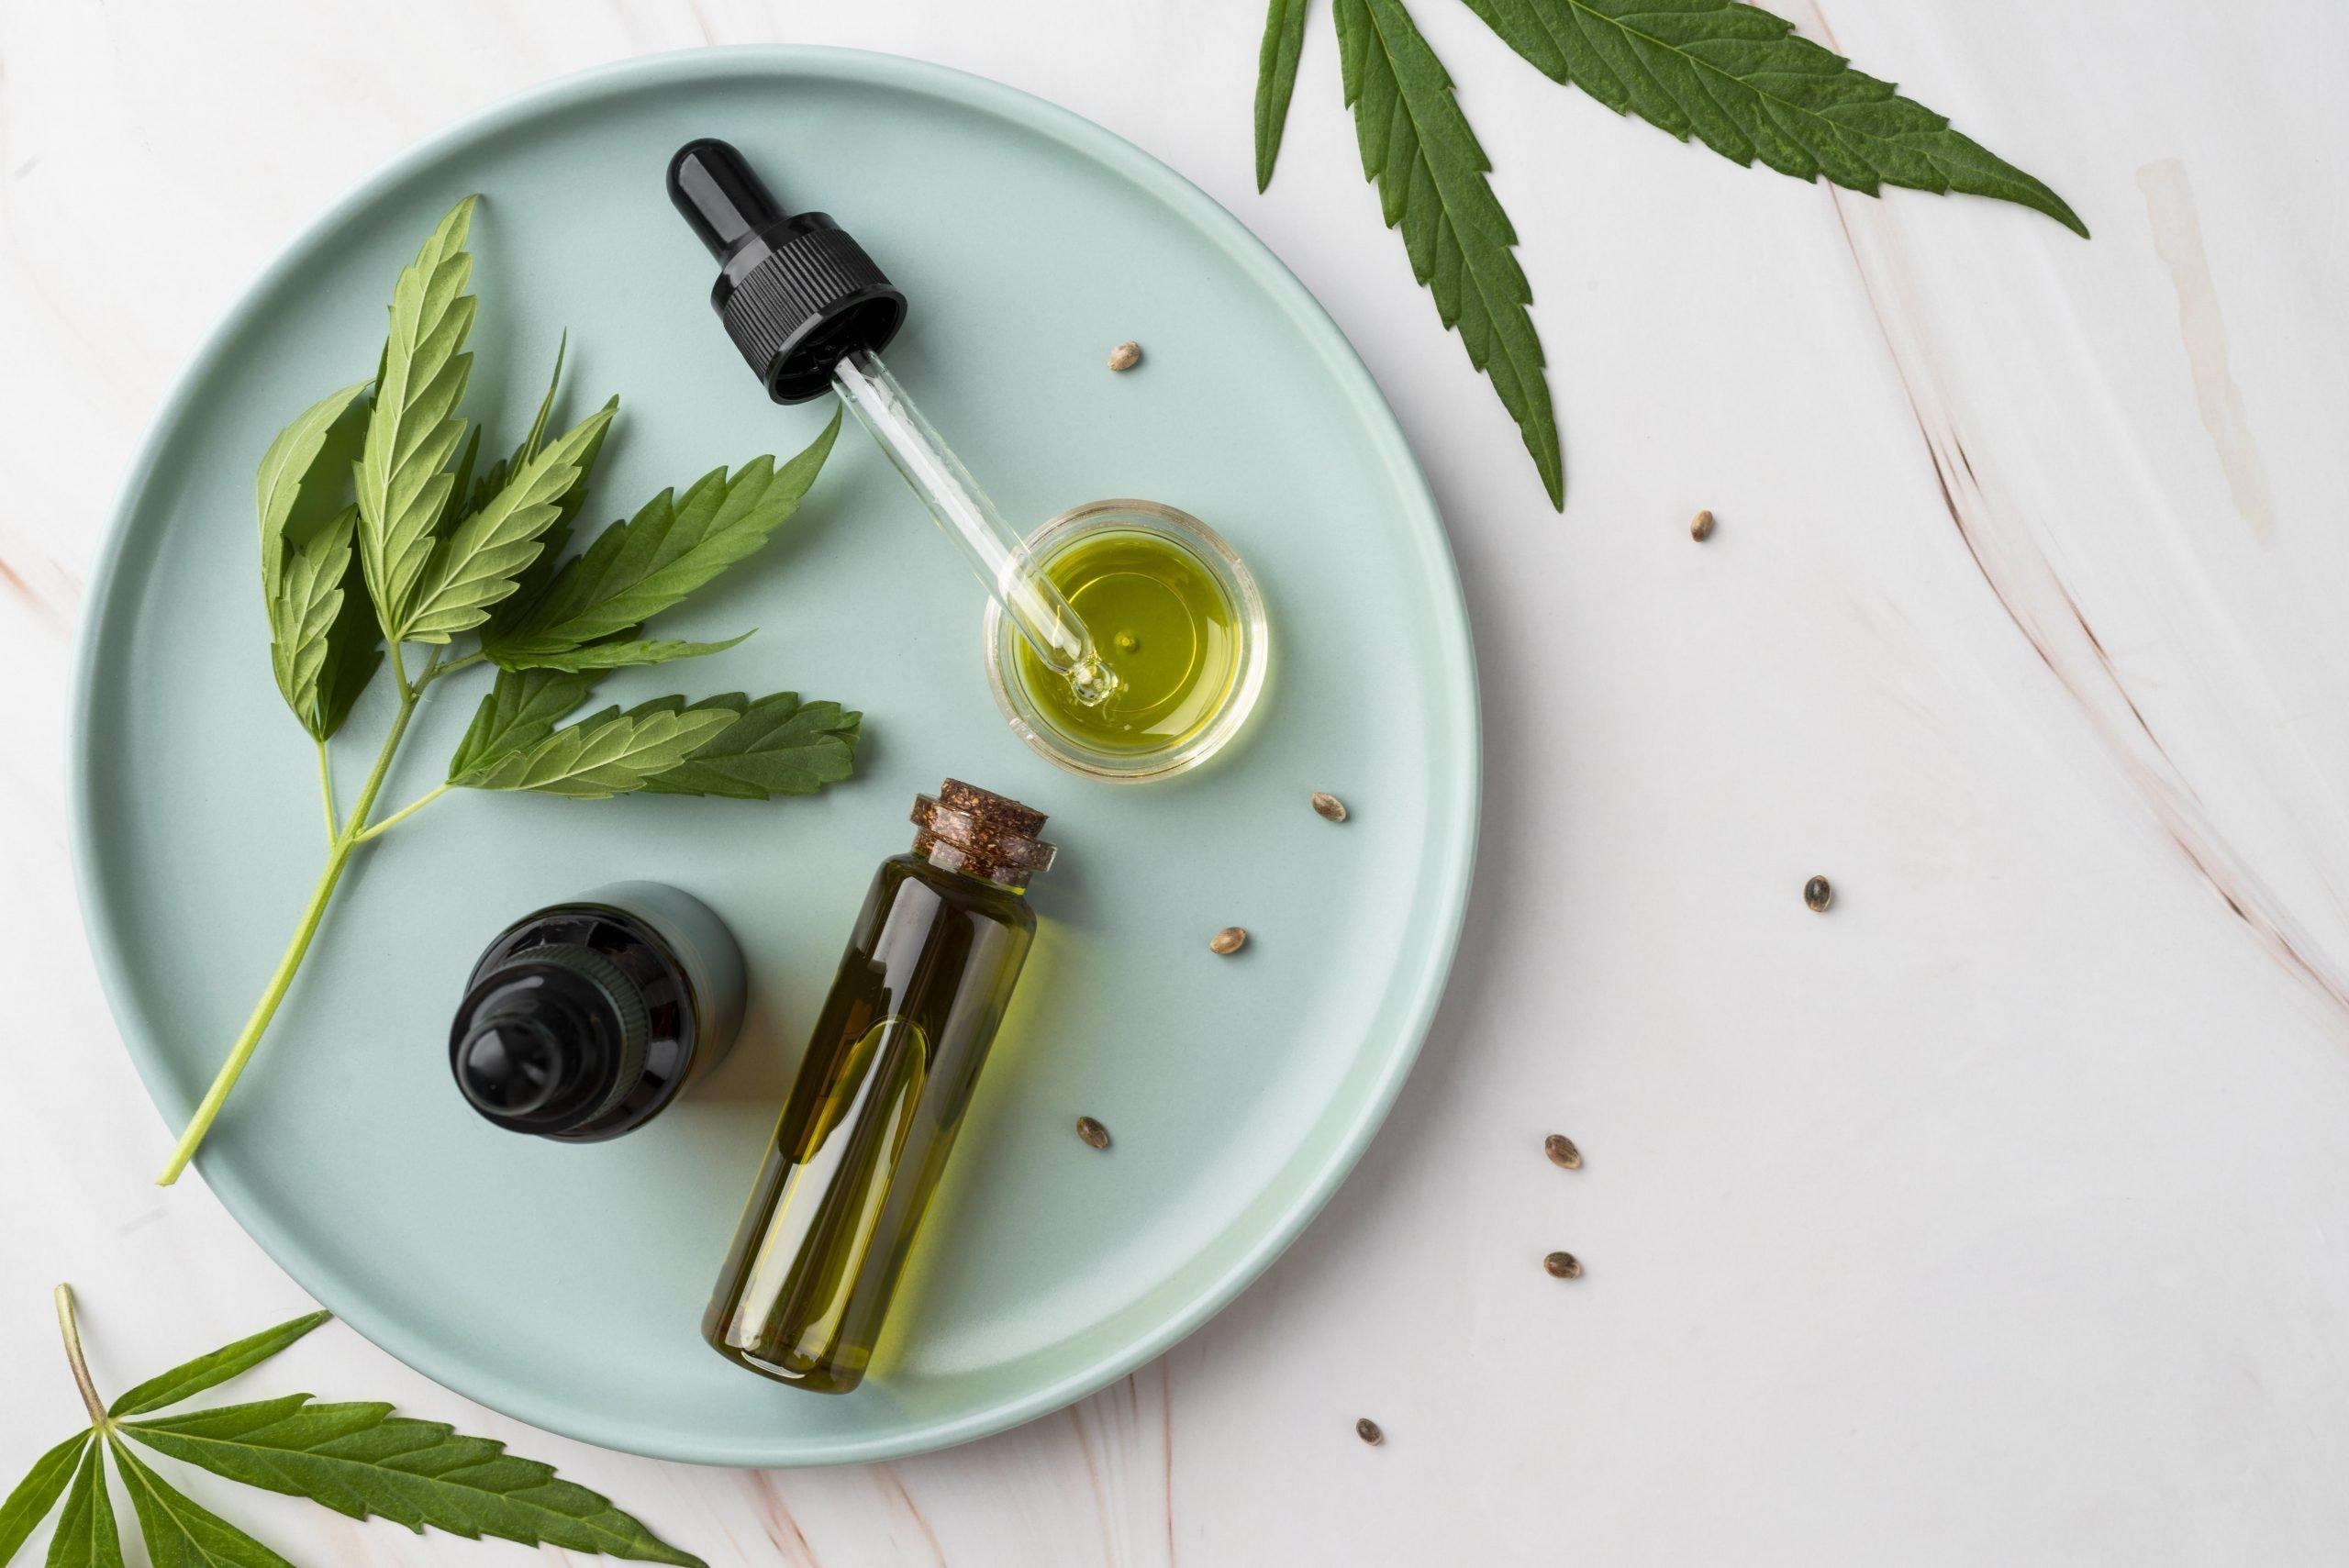 cannabis-oil-bottle-assortment